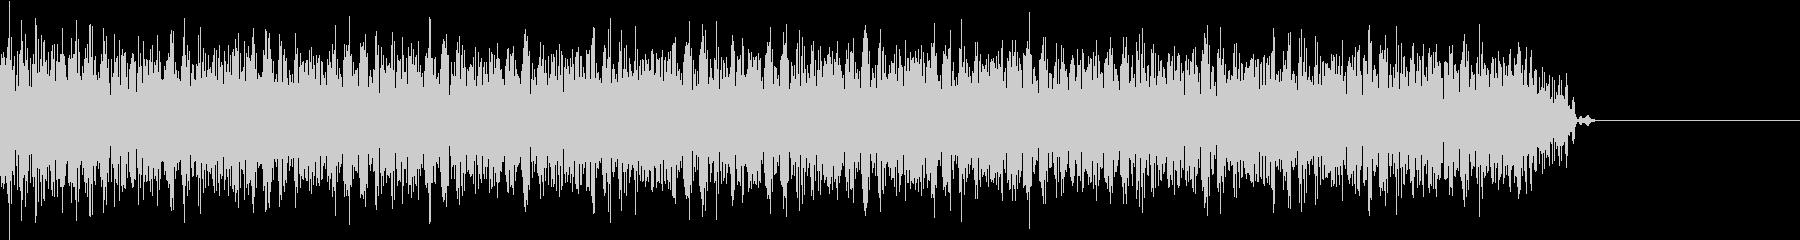 ゲーム、クイズ(ブー音)_014の未再生の波形